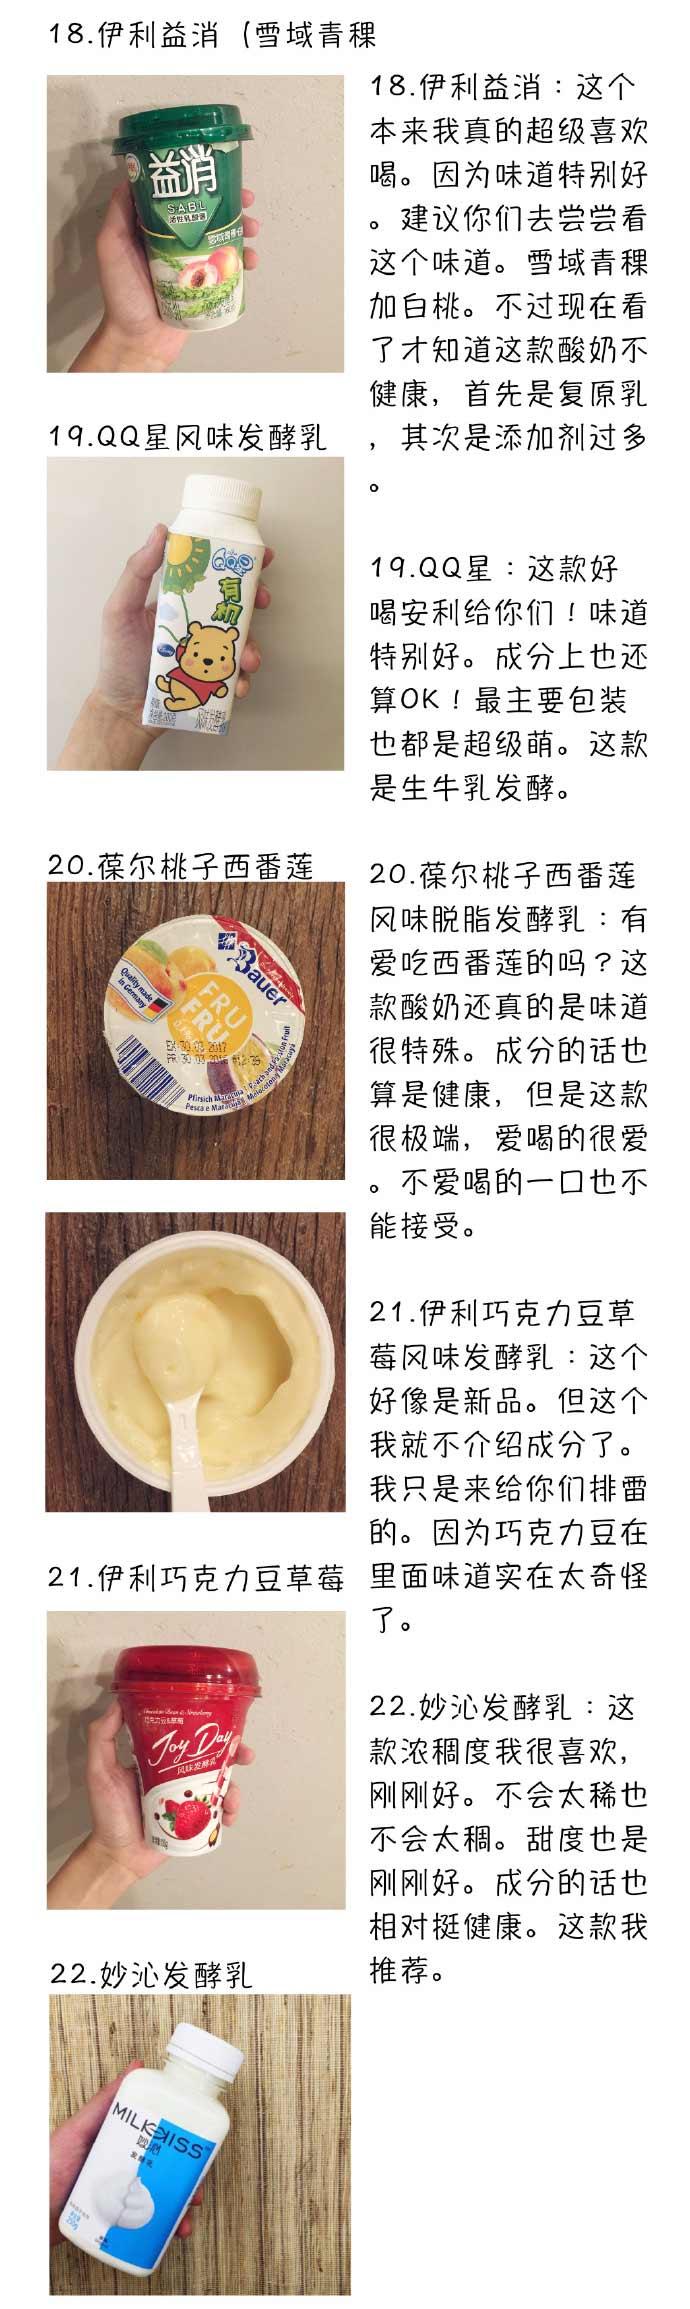 分分钟教你辨别超市酸奶好坏!